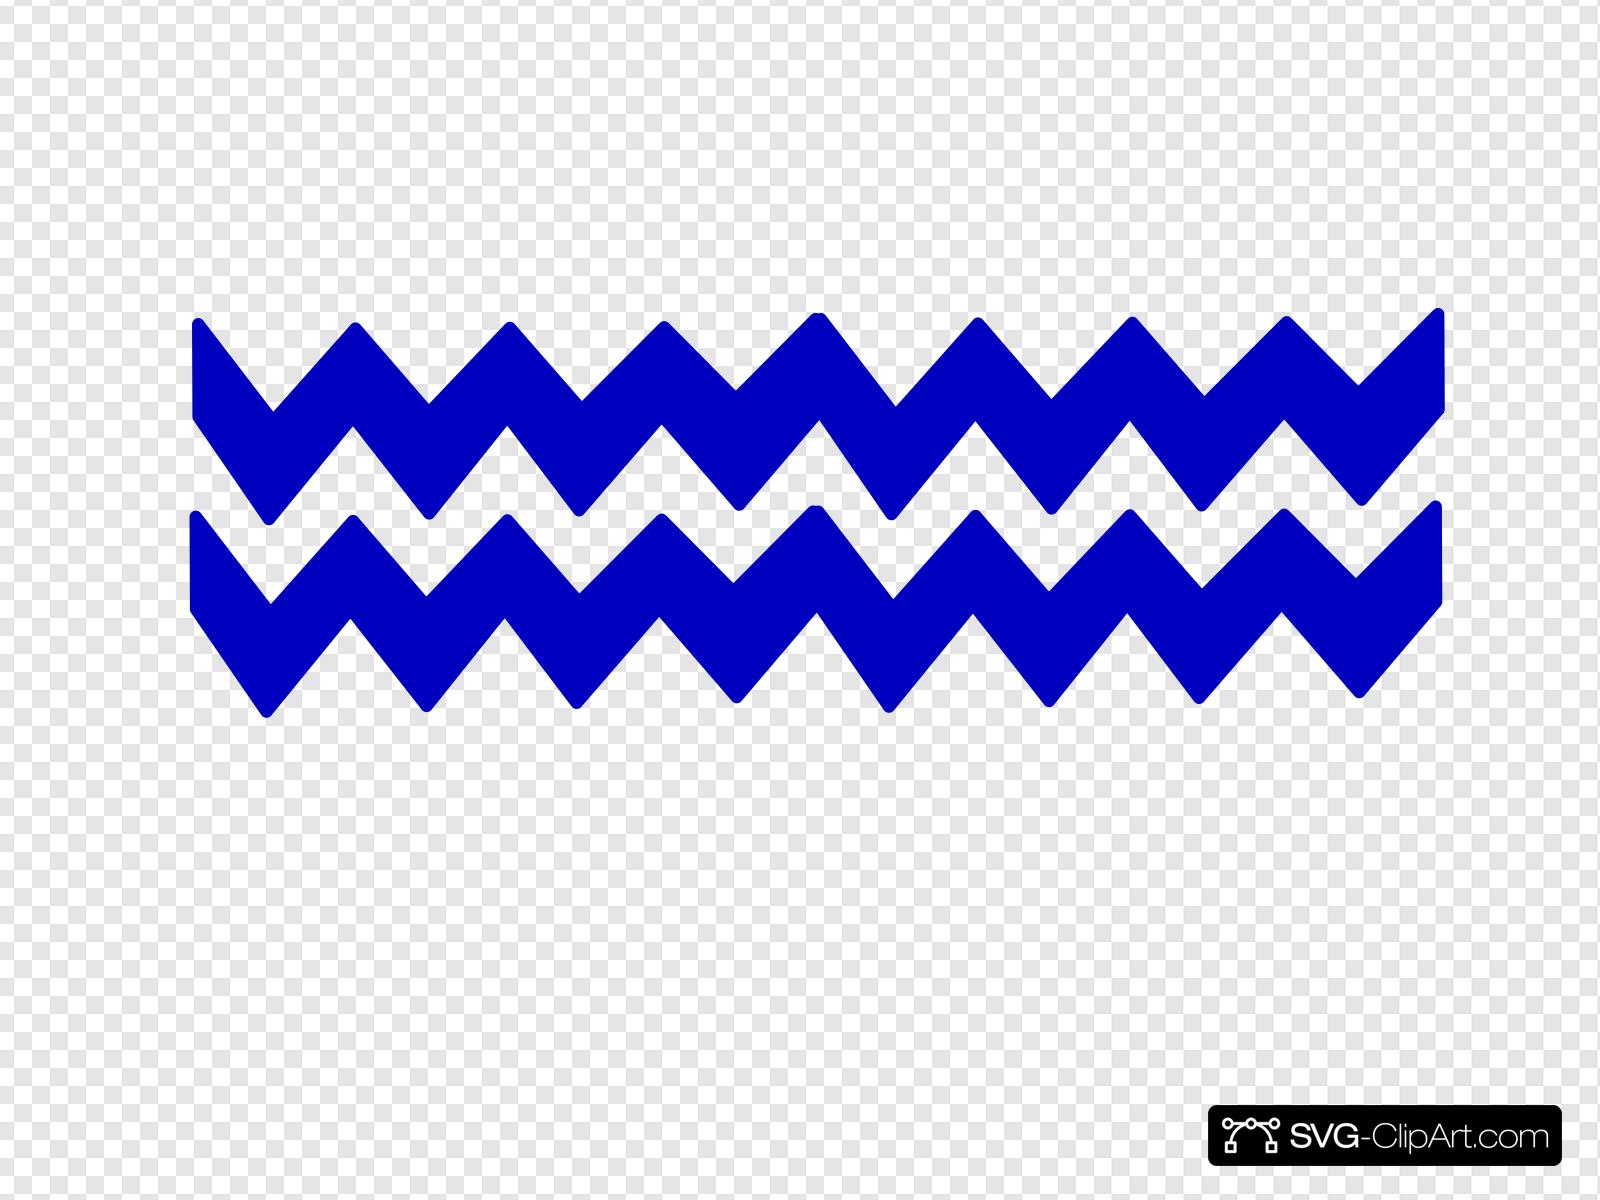 Zig Zag Chevron Clip art, Icon and SVG.